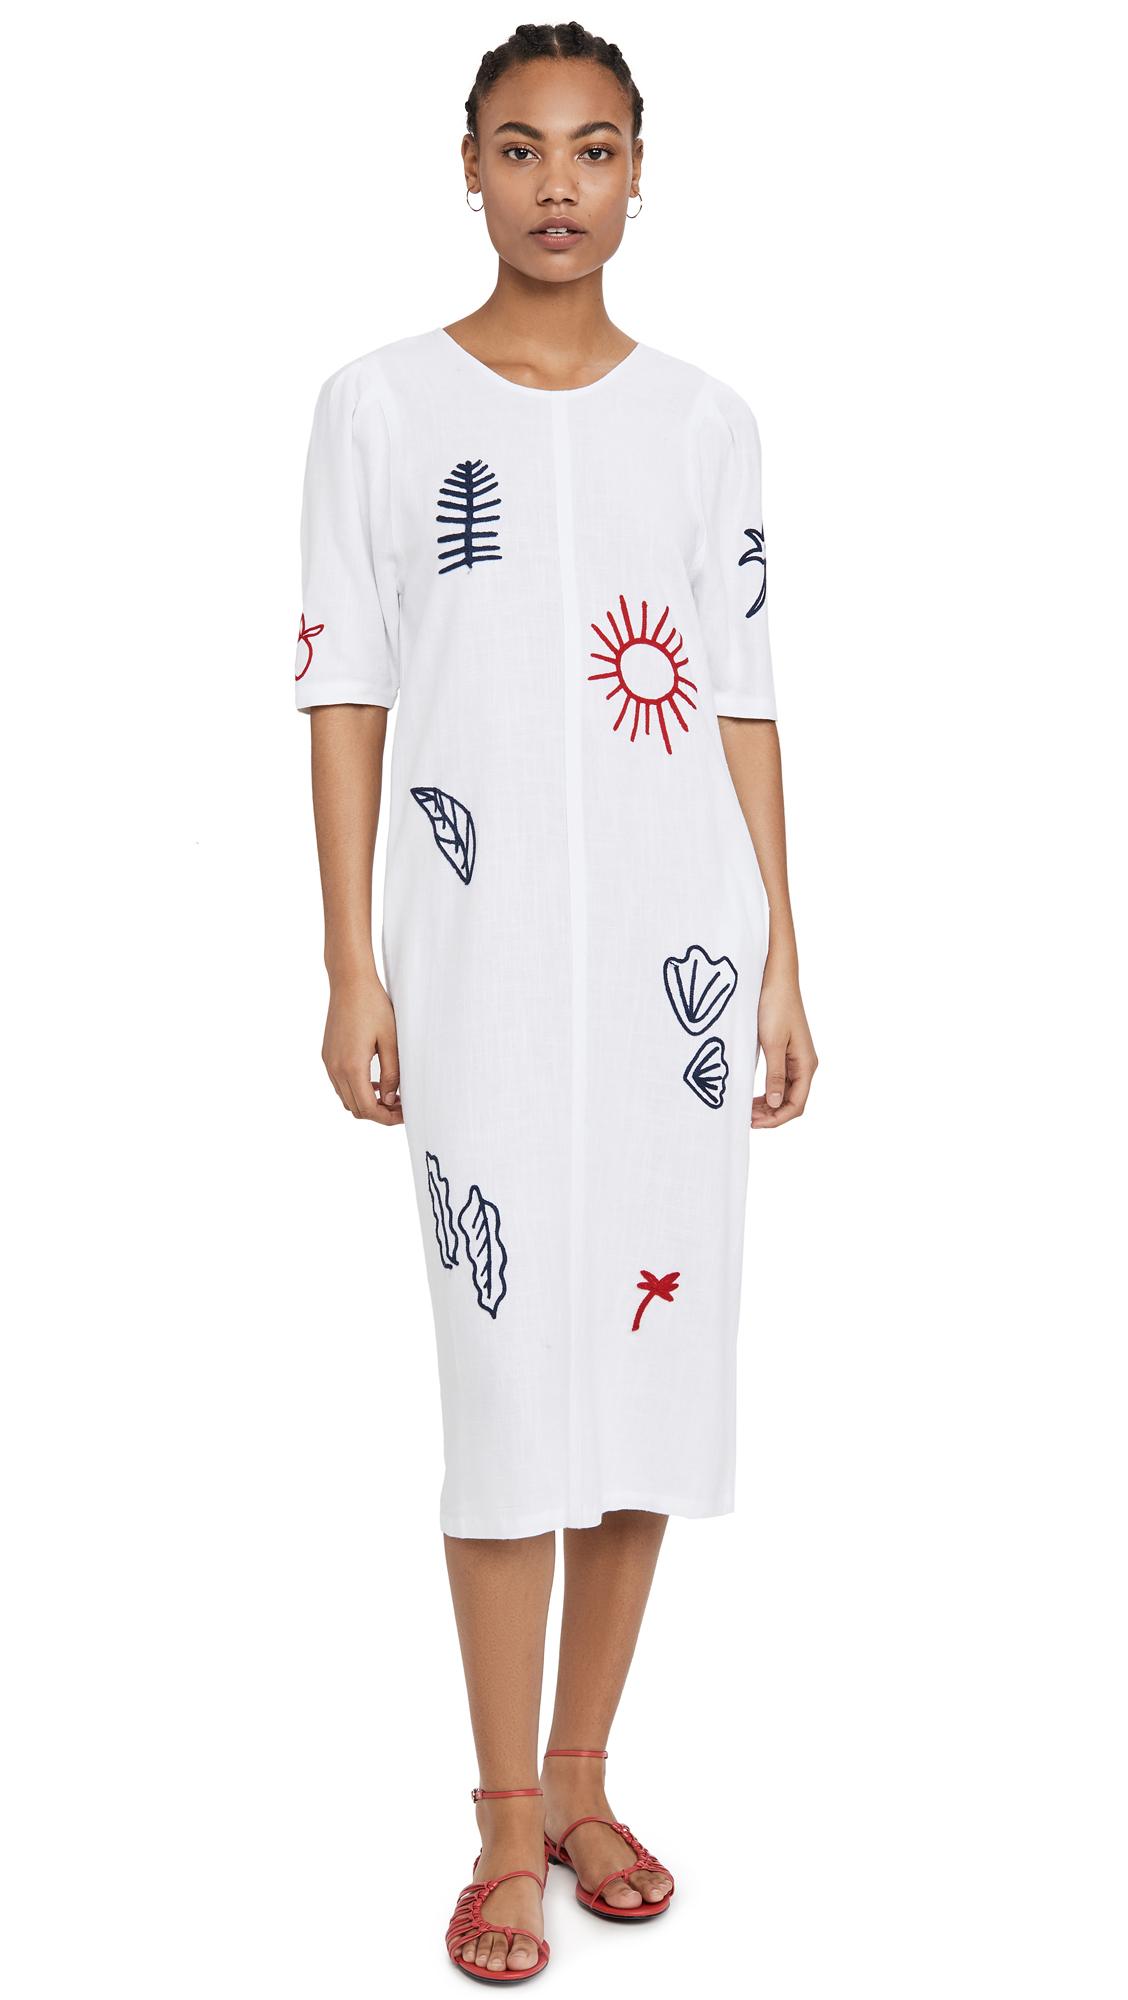 L.F. Markey Tuesday Dress – 30% Off Sale